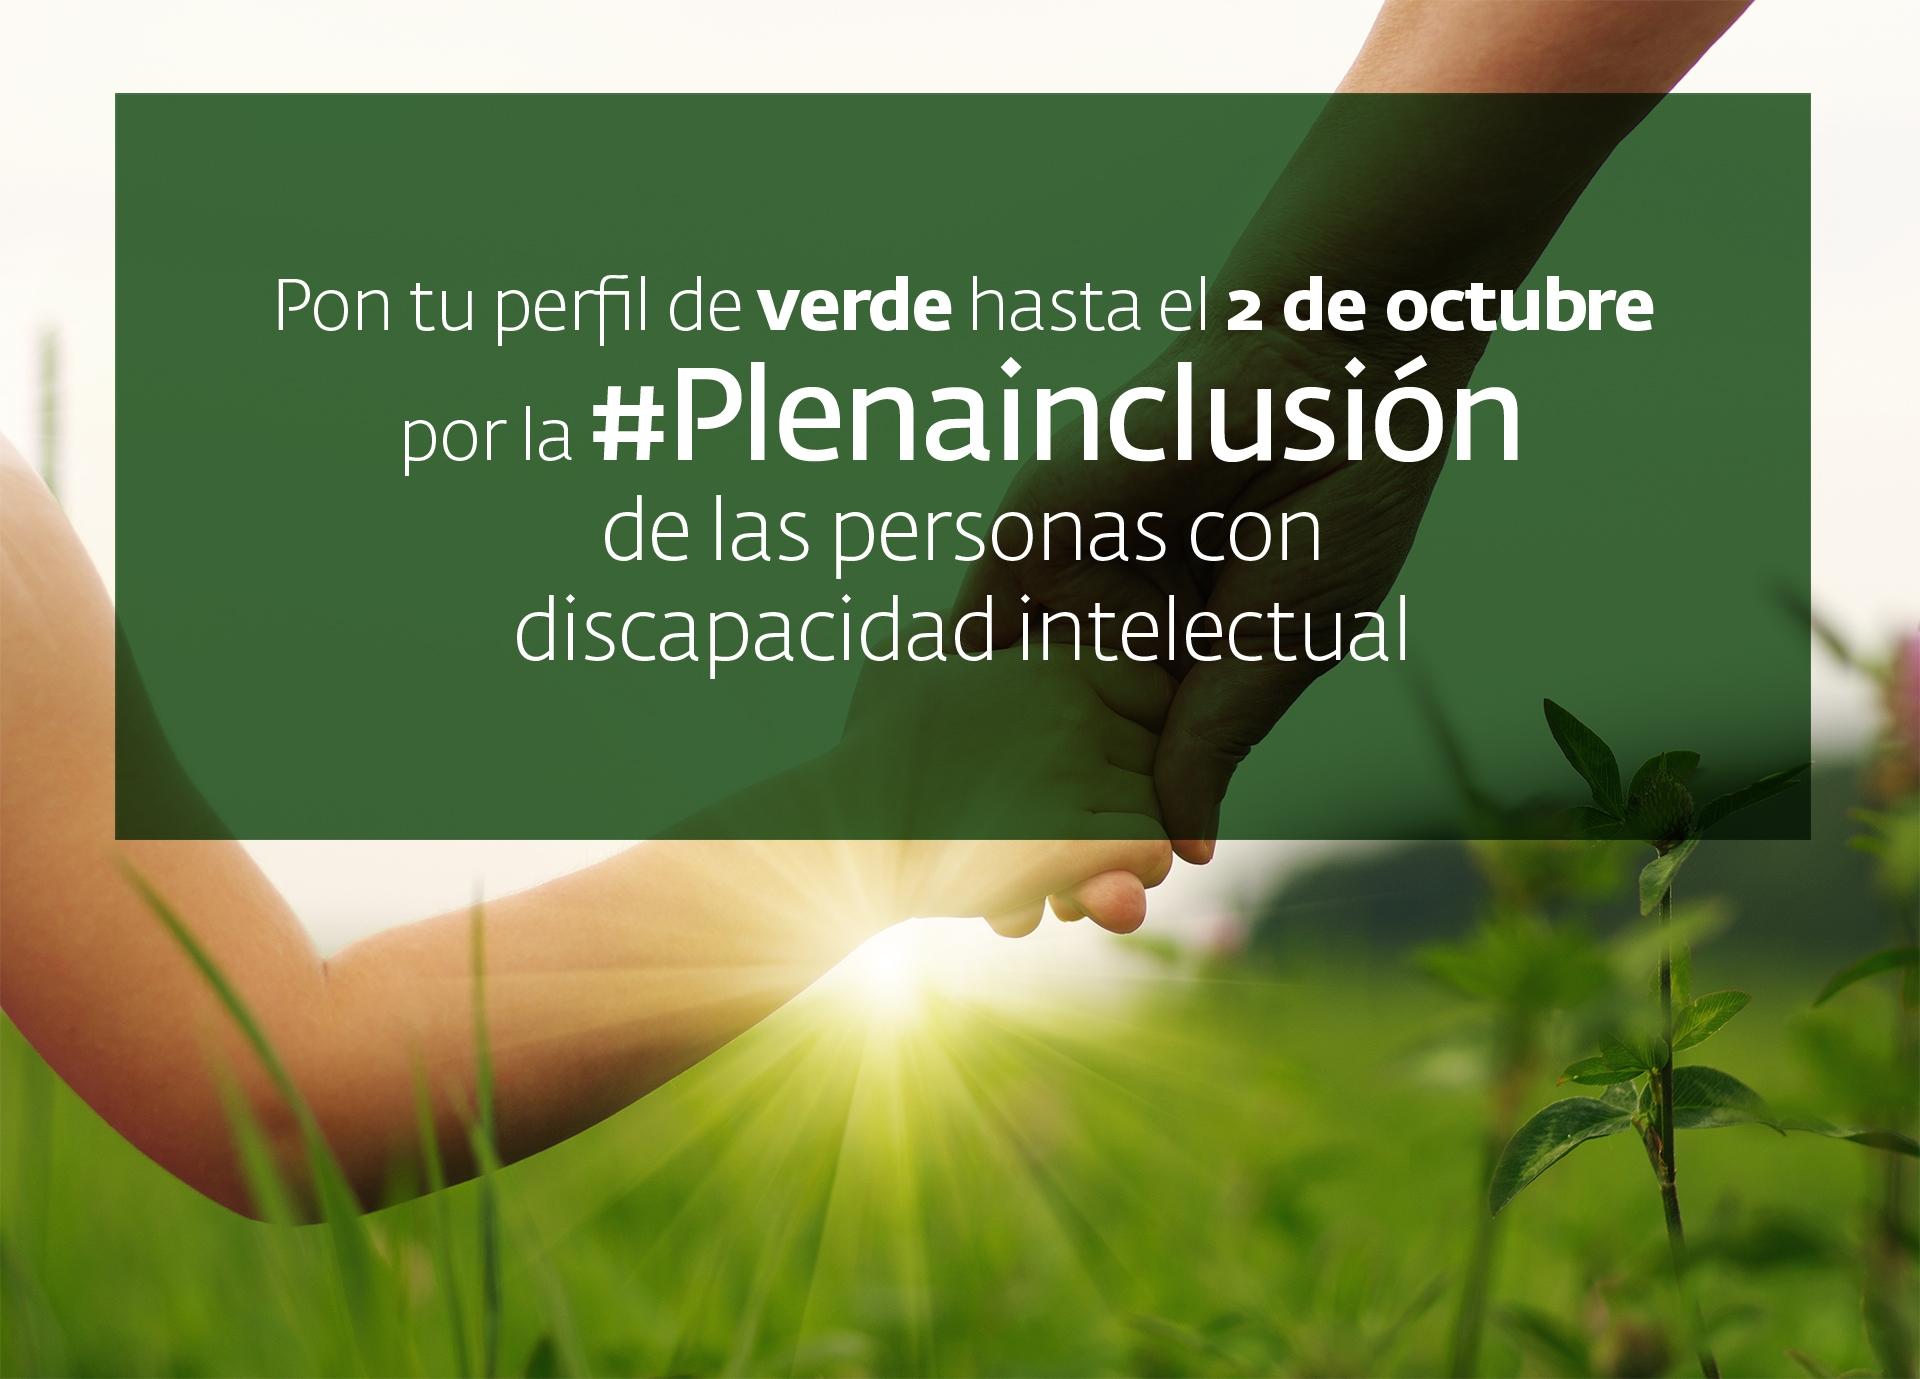 Ir a : España se tiñe de verde por la #Plenainclusión